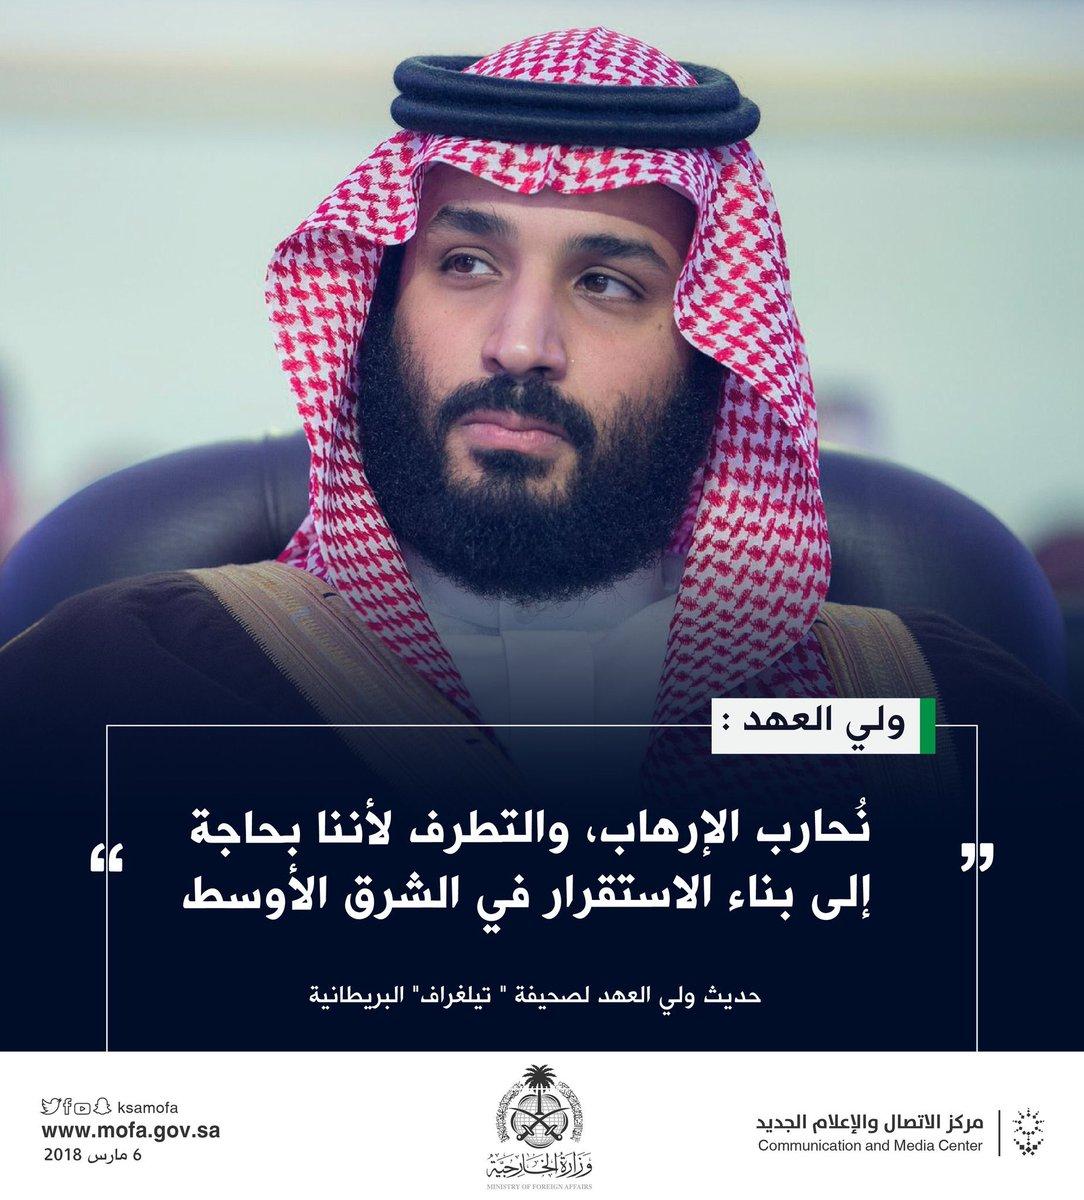 أخبار السعودية Pa Twitter محمد بن سلمان نحارب التطرف والإرهاب من أجل استقرار الشرق الأوسط السعودية الإرهاب قضية قطر تافهه جدا